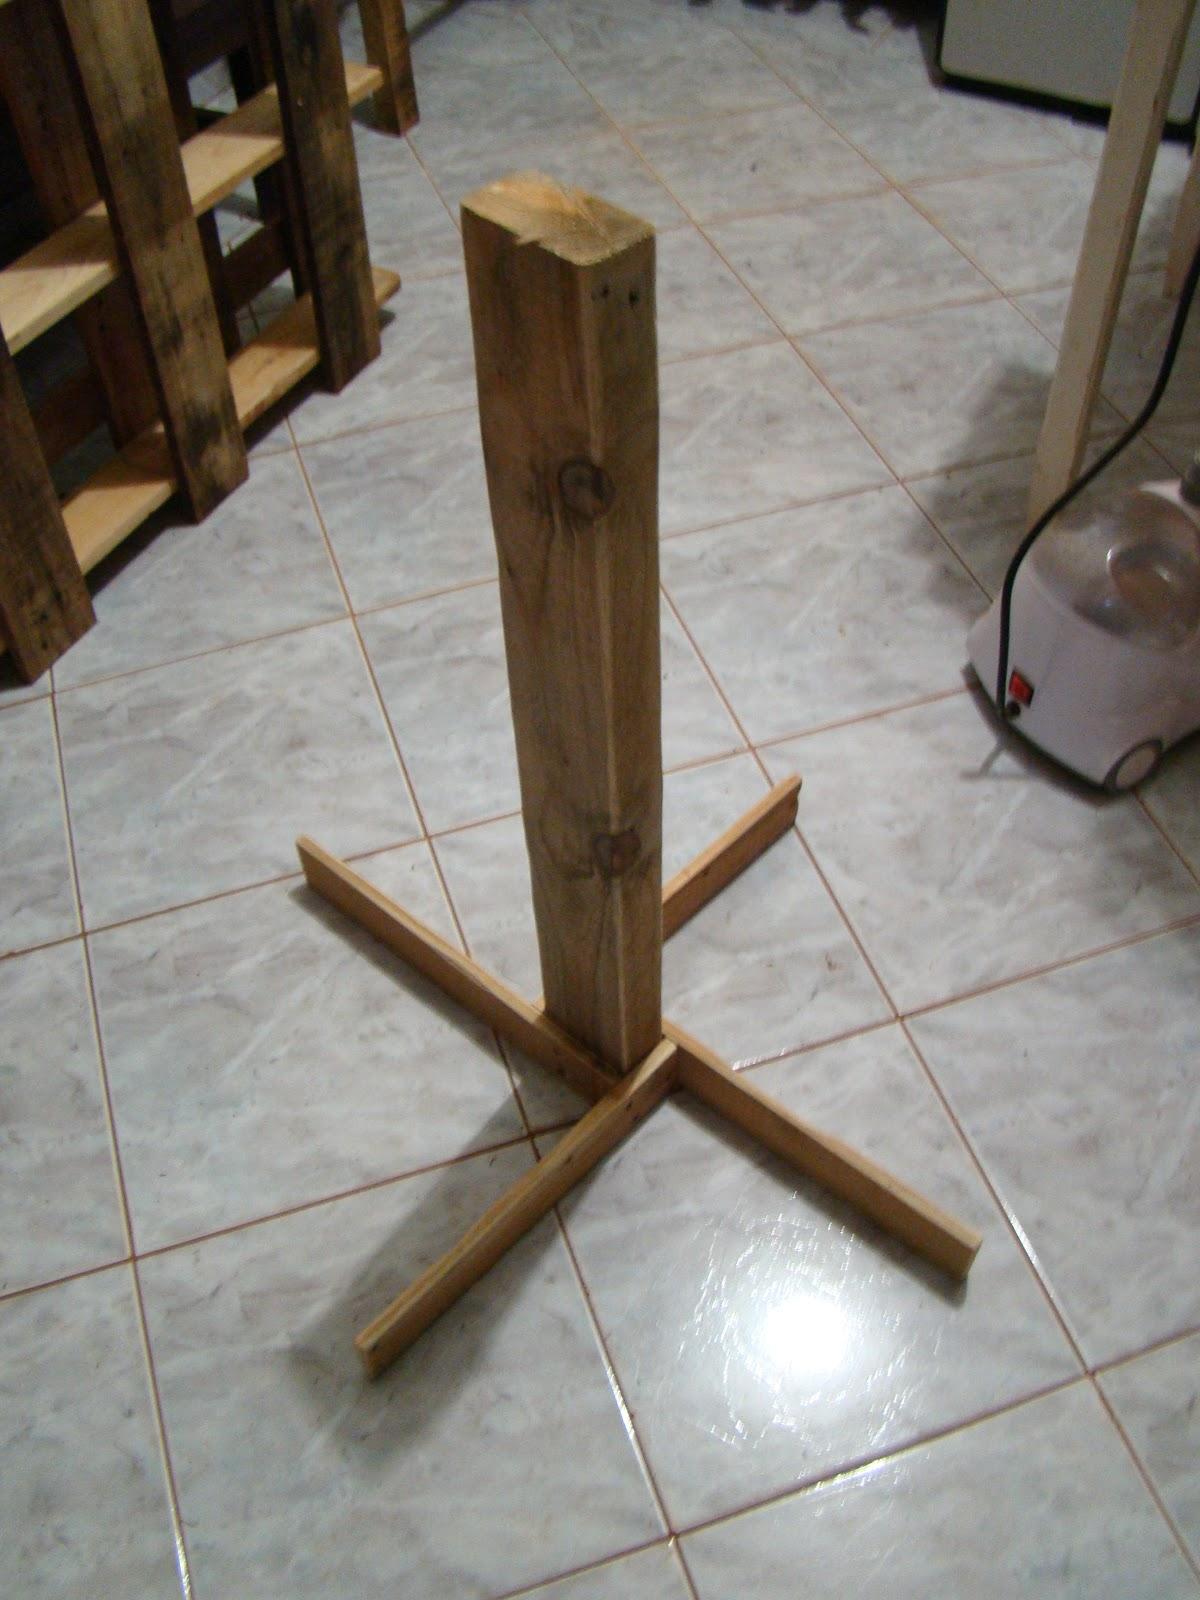 Artesanato Dos Acores ~ Decorlixo Decoraç u00e3o Baseada na Reciclagem Peças de Decoraç u00e3o em Madeira Reciclada